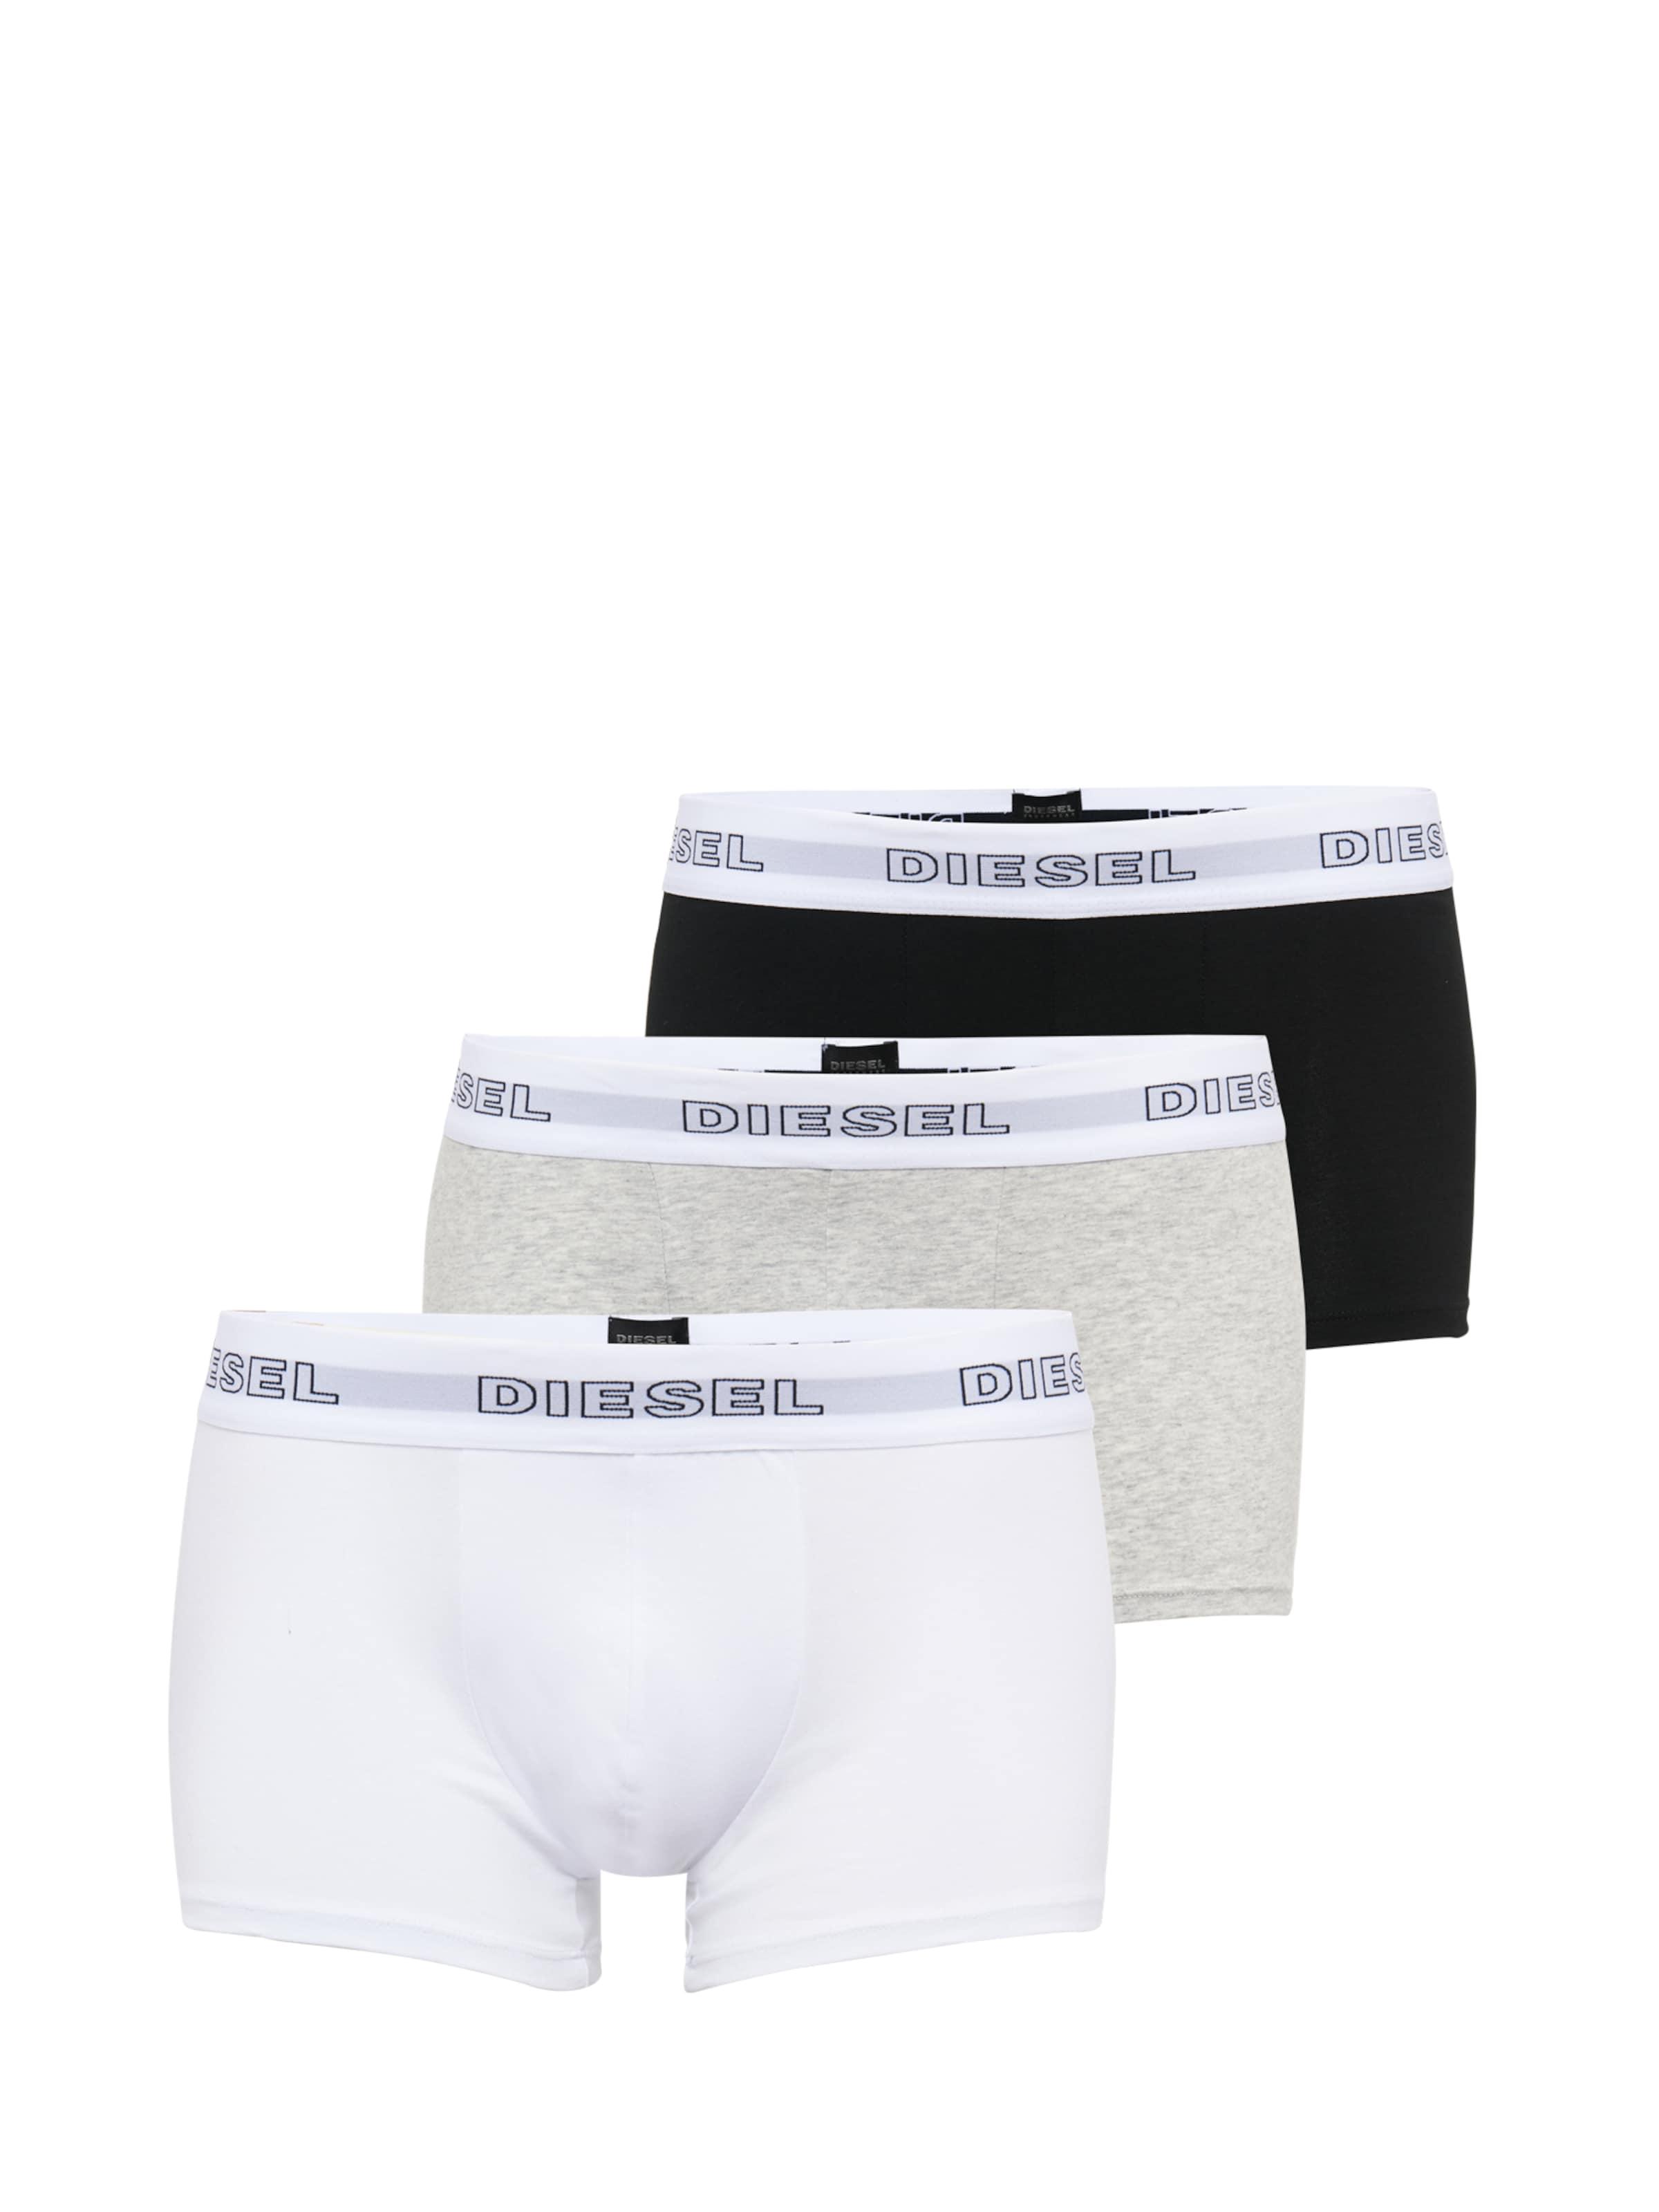 Günstig Kaufen Limited Edition DIESEL Pants im 3er-Pack Genießen Online-Verkauf Spielraum Top-Qualität JHdbI